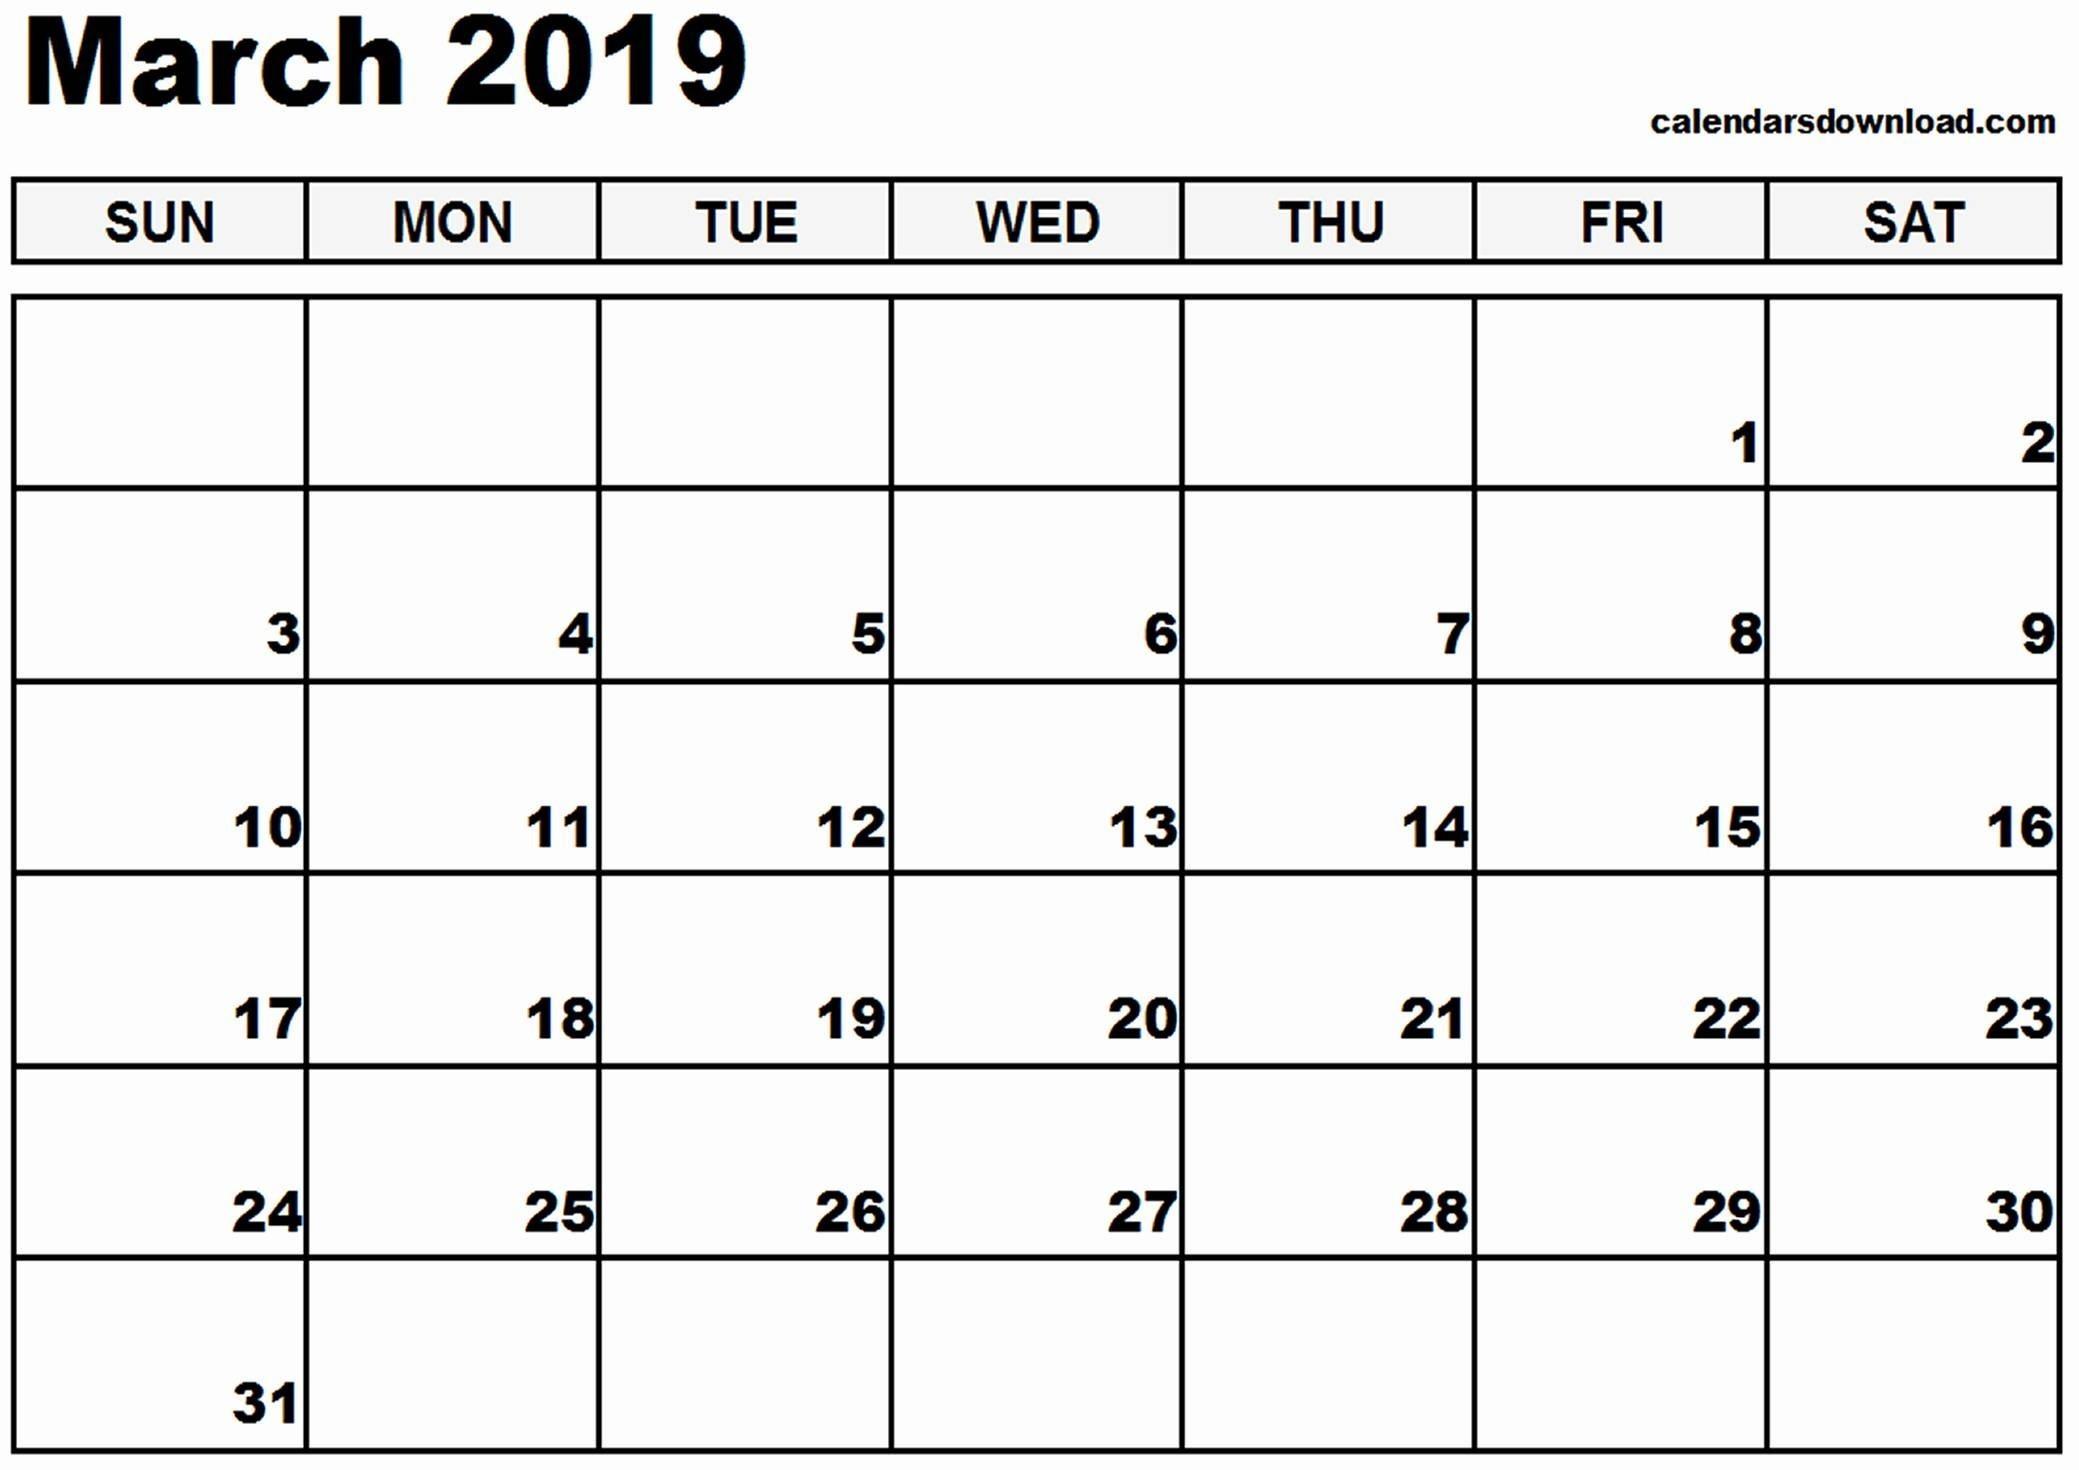 Kalender 2019 Excel Mit Ferien Más Arriba-a-fecha Und Calendar 2019 Of Kalender 2019 Excel Mit Ferien Más Actual Free Download Foto Jahreskalender Kalender Ausdrucken 2015 Schön